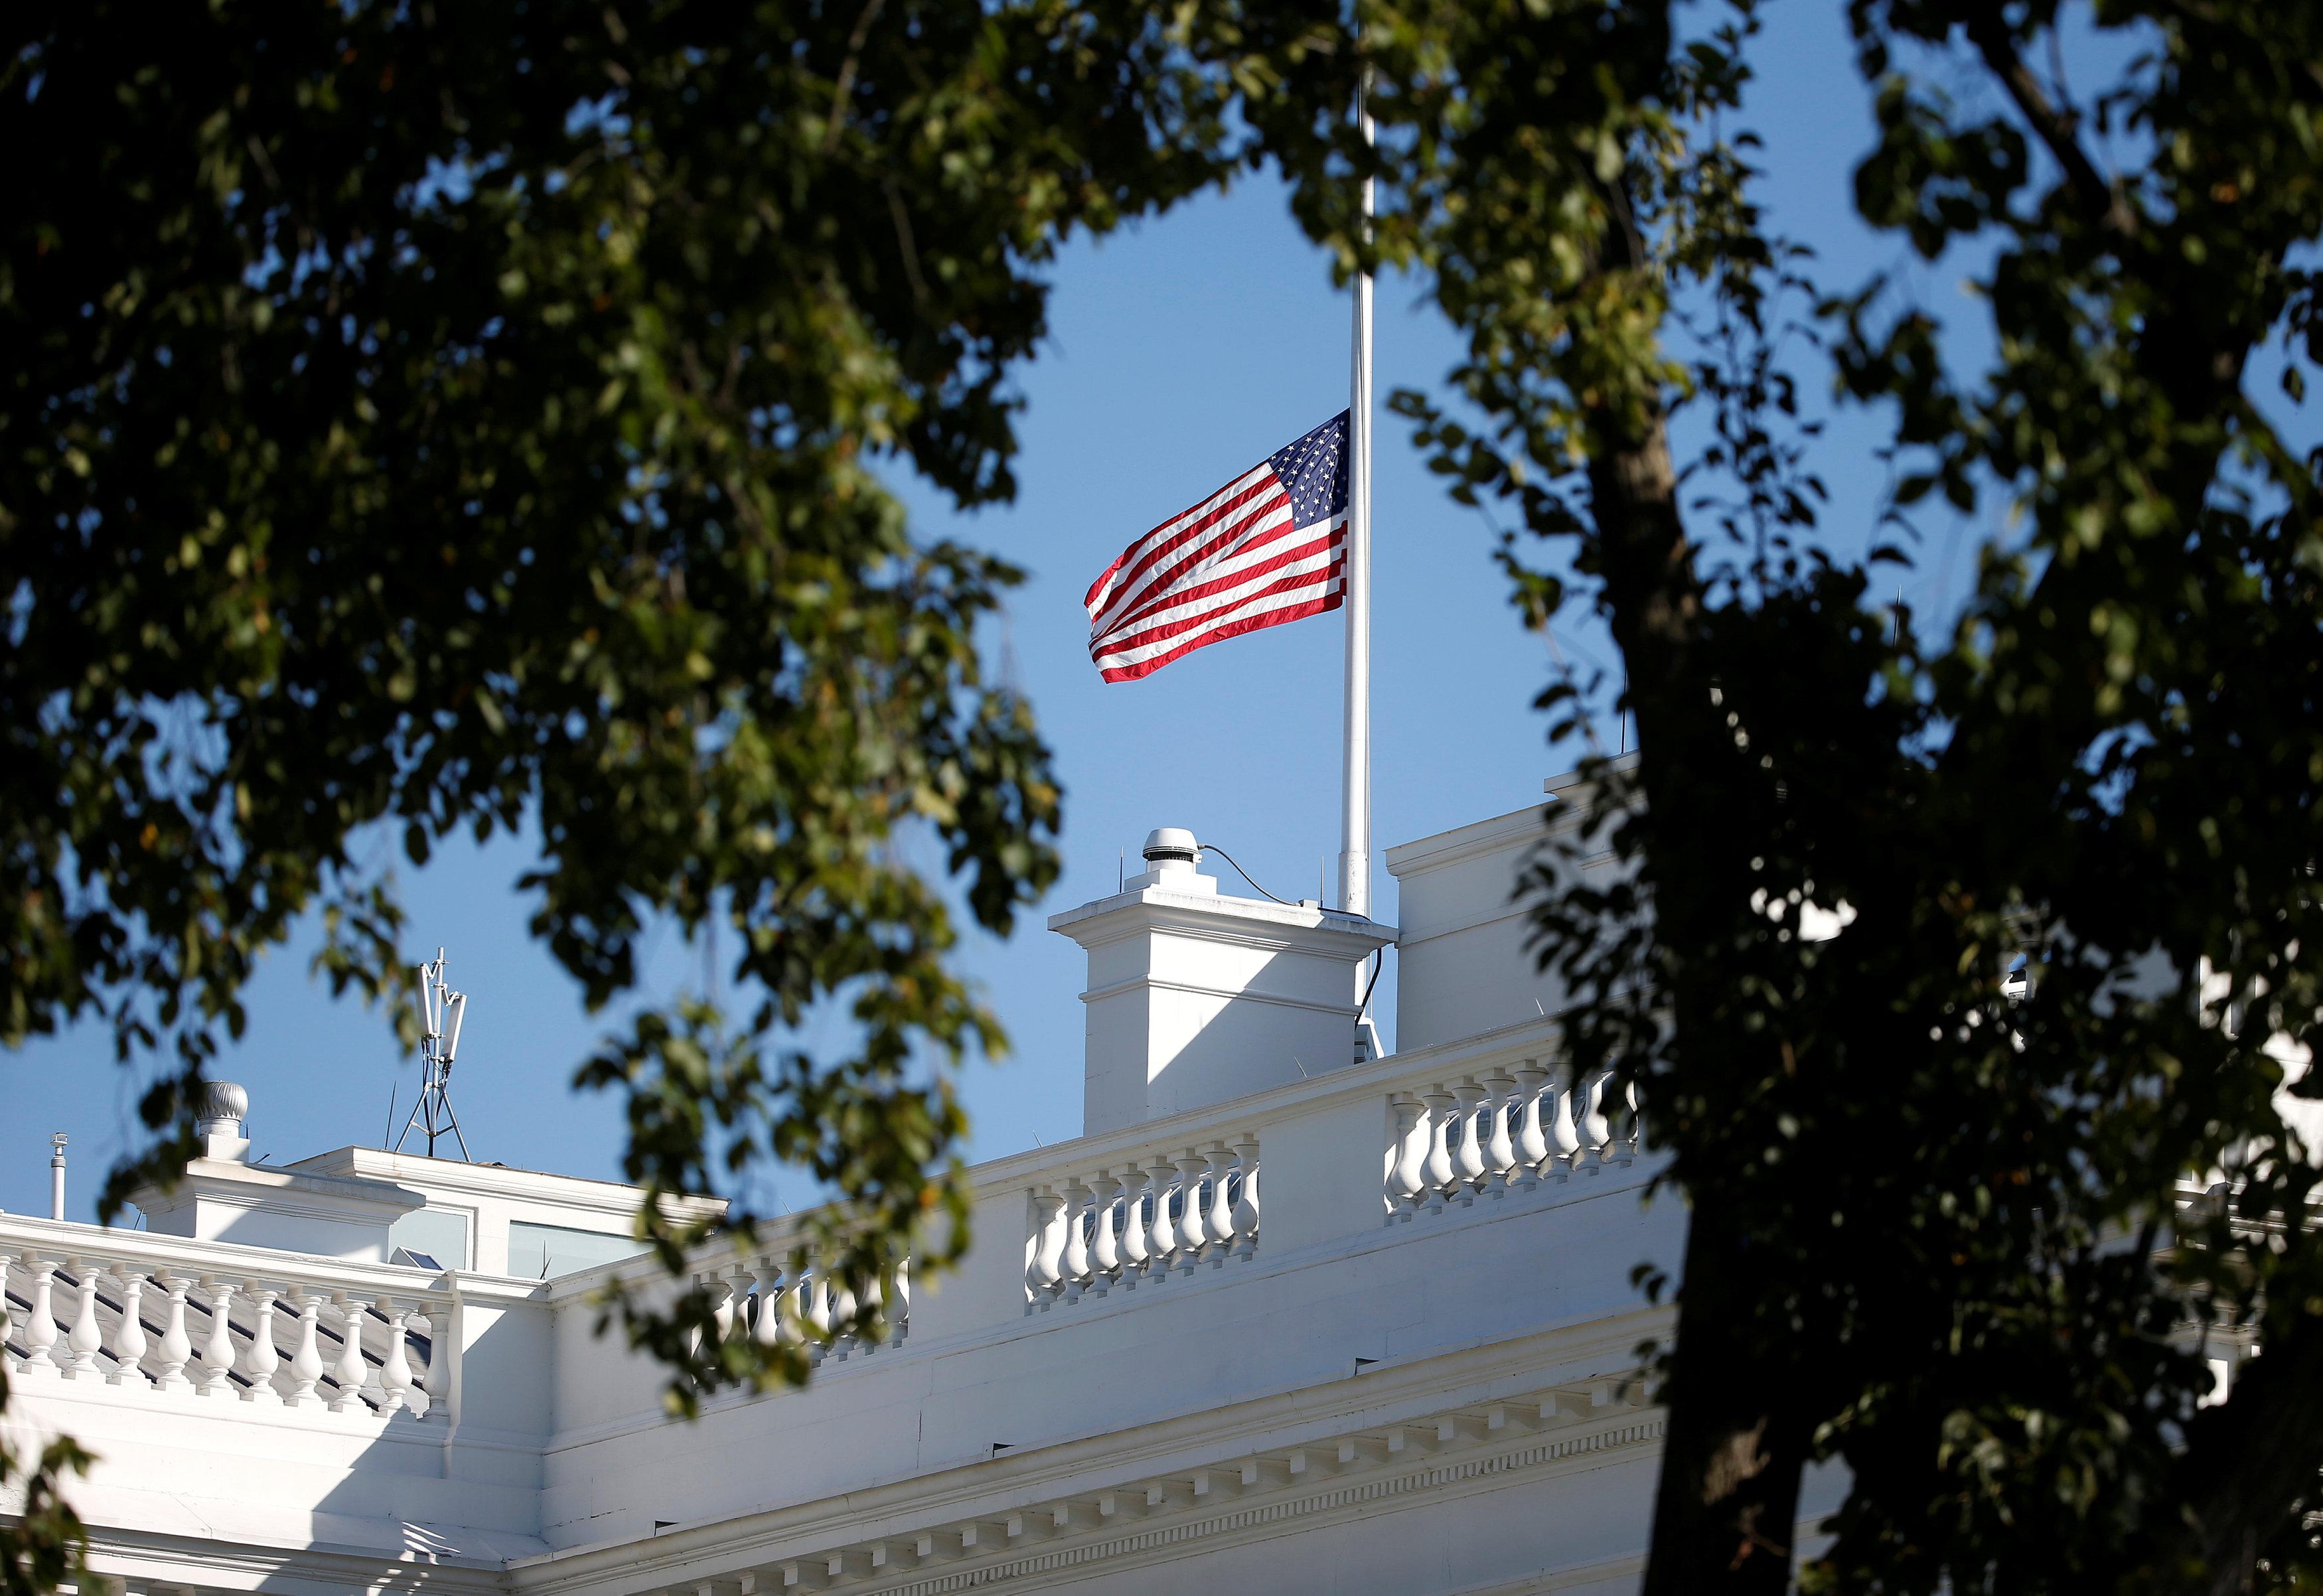 Oι ΗΠΑ χαιρετίζουν την καταδίκη Μλάντιτς για εγκλήματα πολέμου